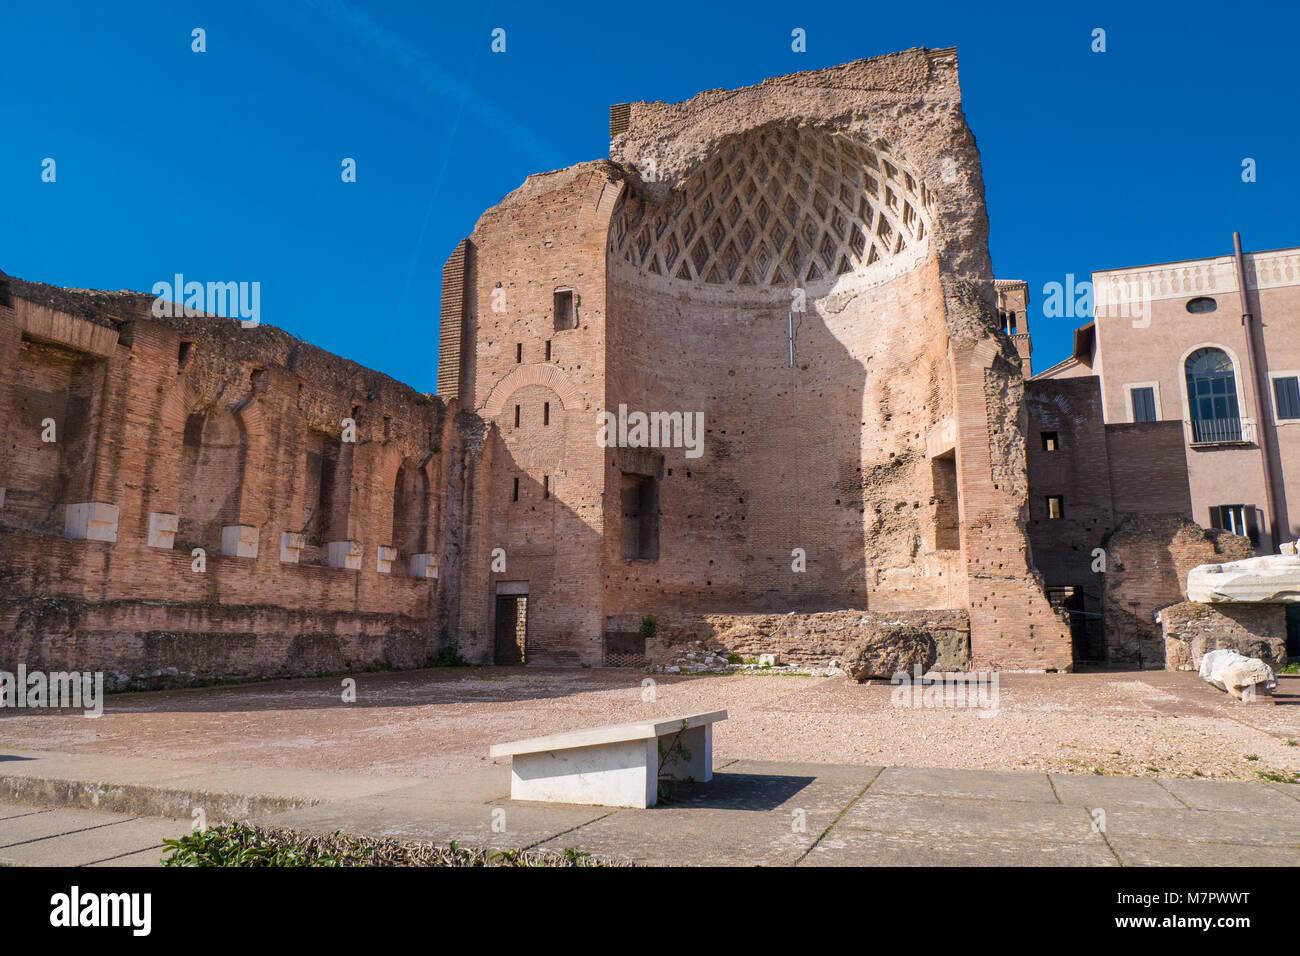 The Temple of Venus (Tempio di Venere), Rome, Italy - Stock Image